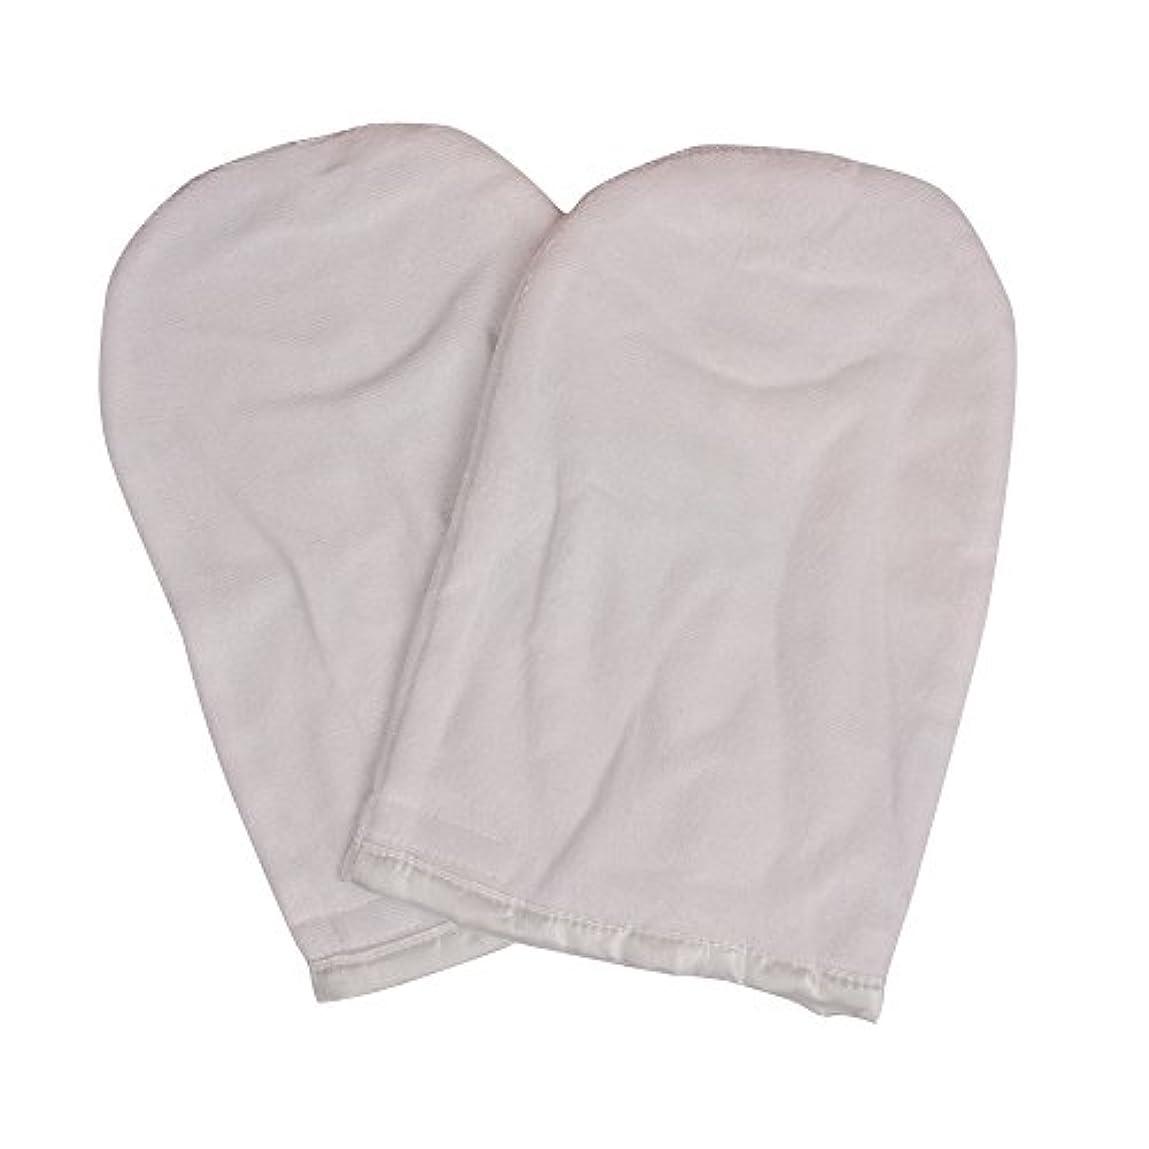 戦争交差点欠乏パラフィン用ハンドグローブ 全2色 (ホワイト) パラフィンパック パラフィン ハンド グローブ (ハンド用)